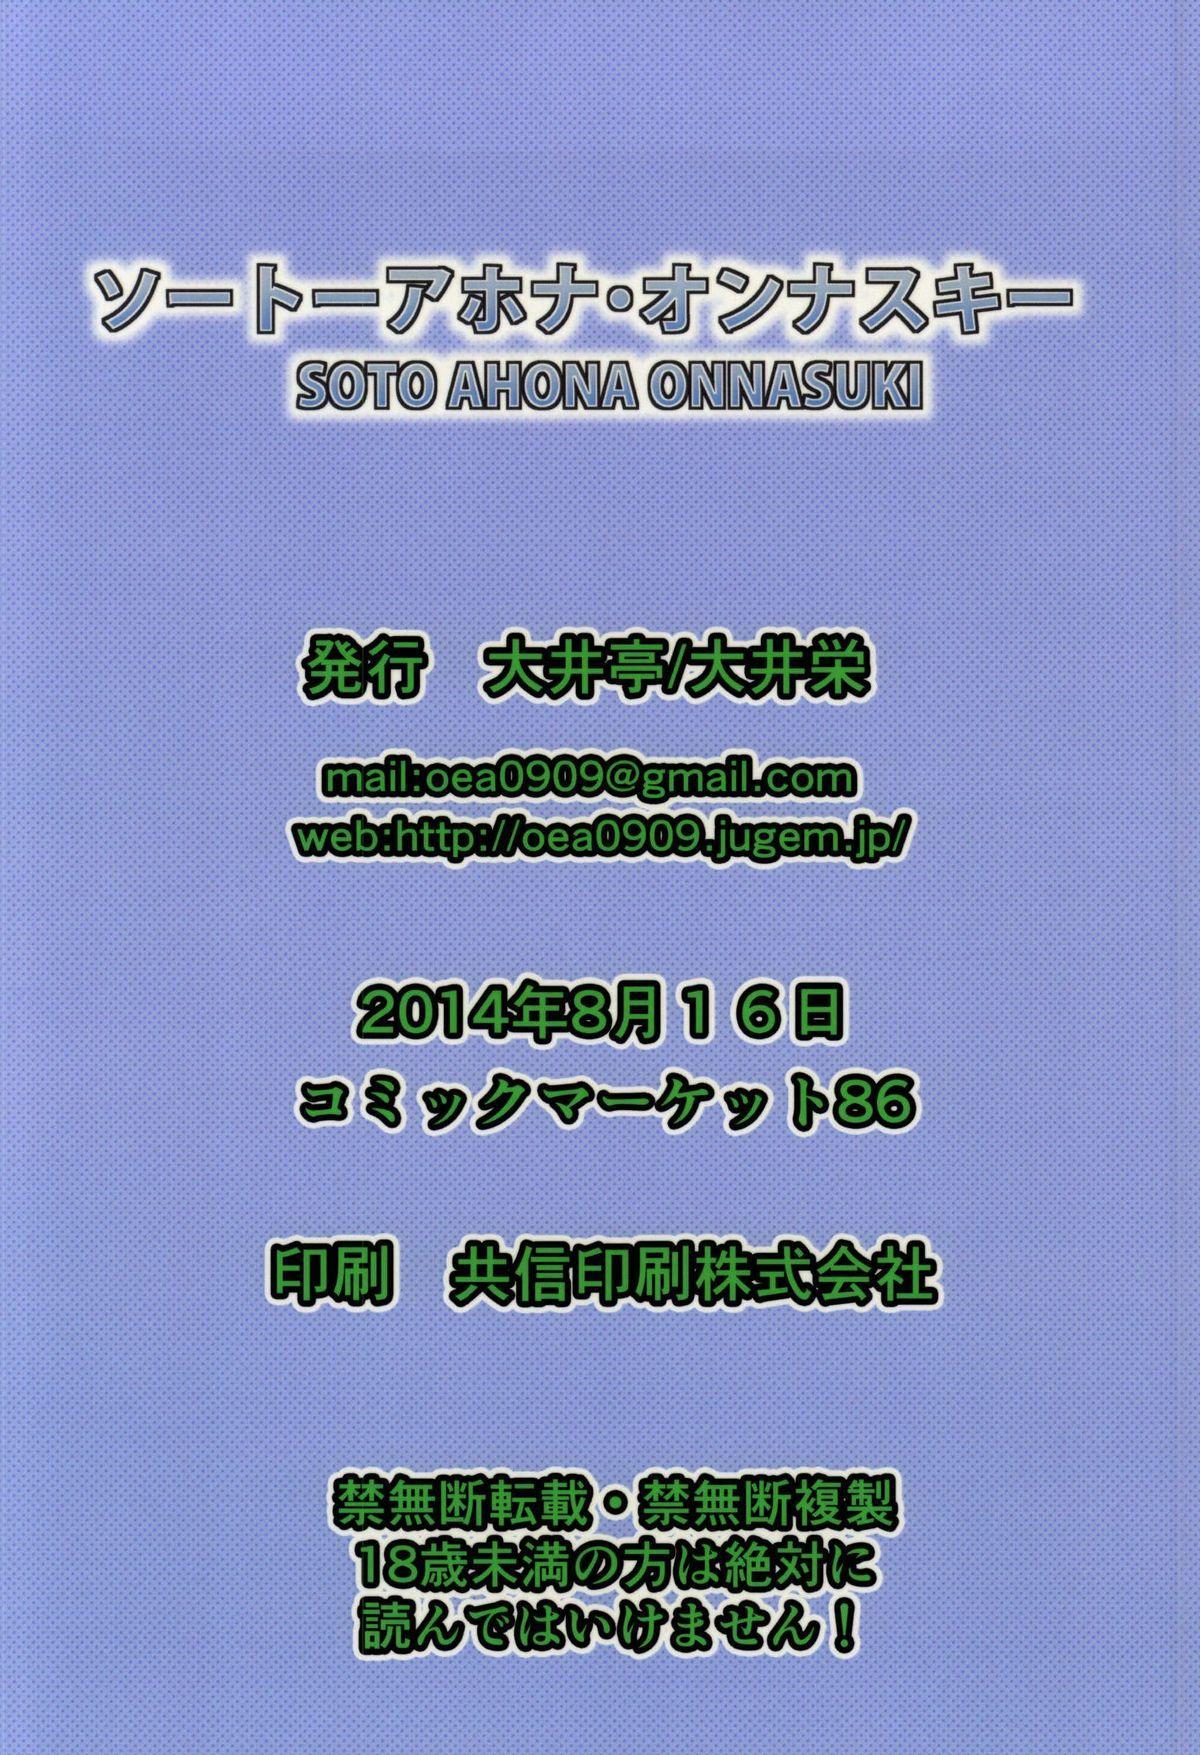 SOTO AHONA ONNASUKI 39